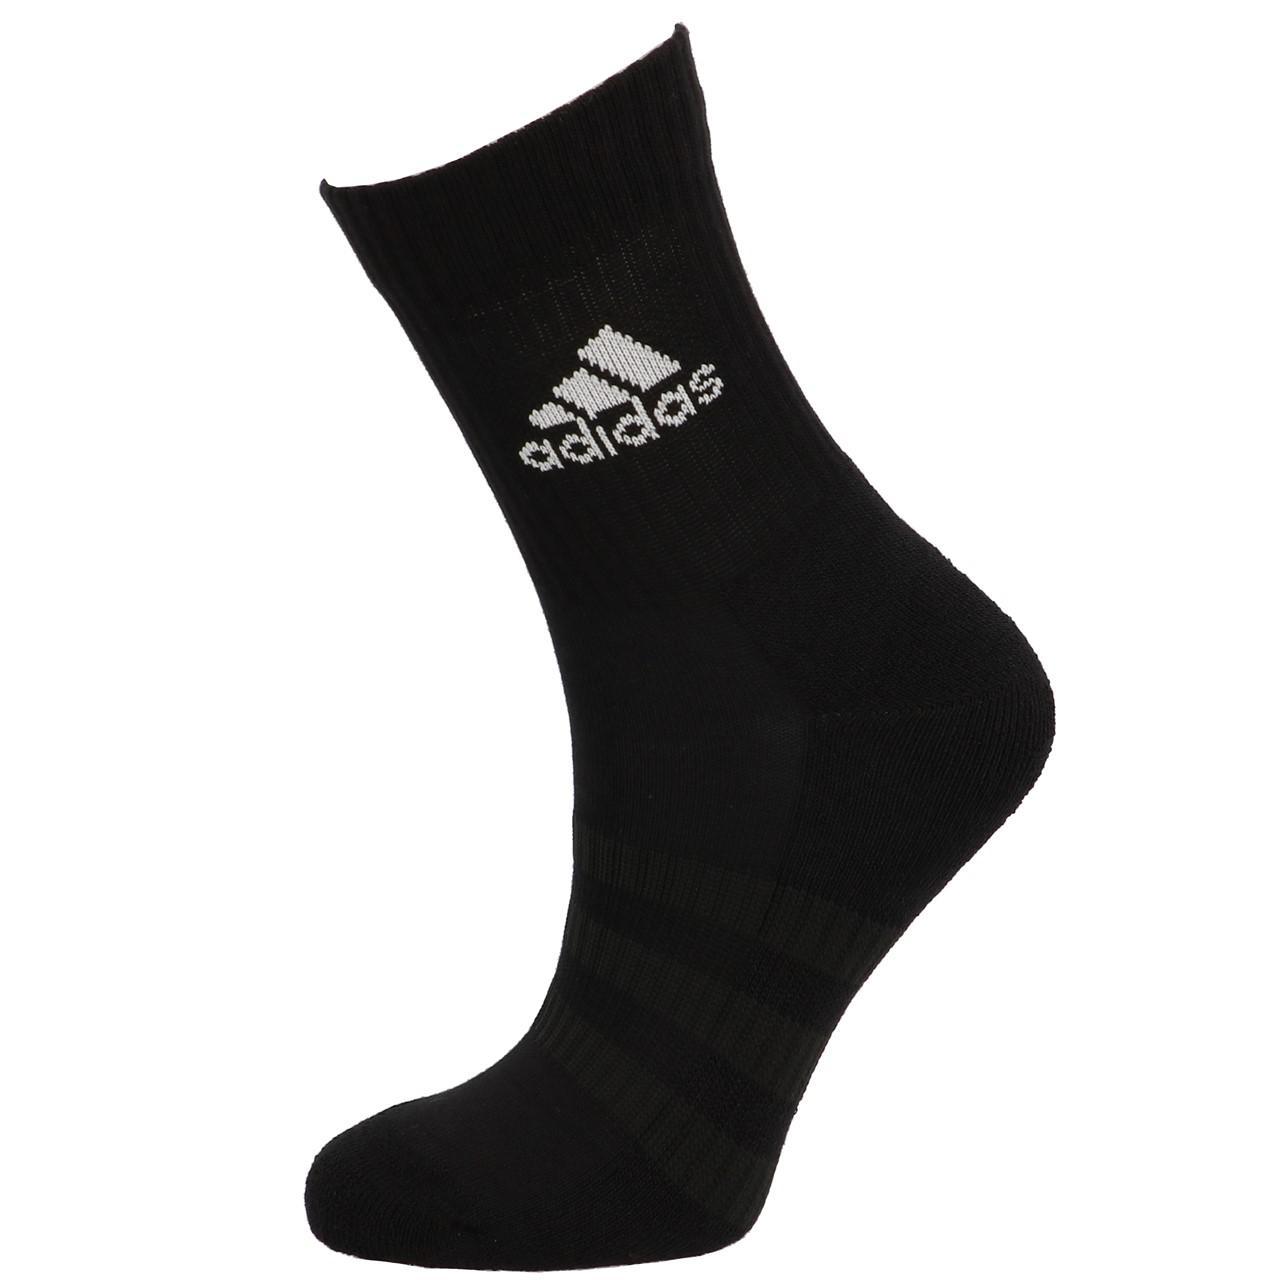 Socks-Adidas-3s-Perf-Crew-cho7-nr-3pp-Black-19055-New thumbnail 5